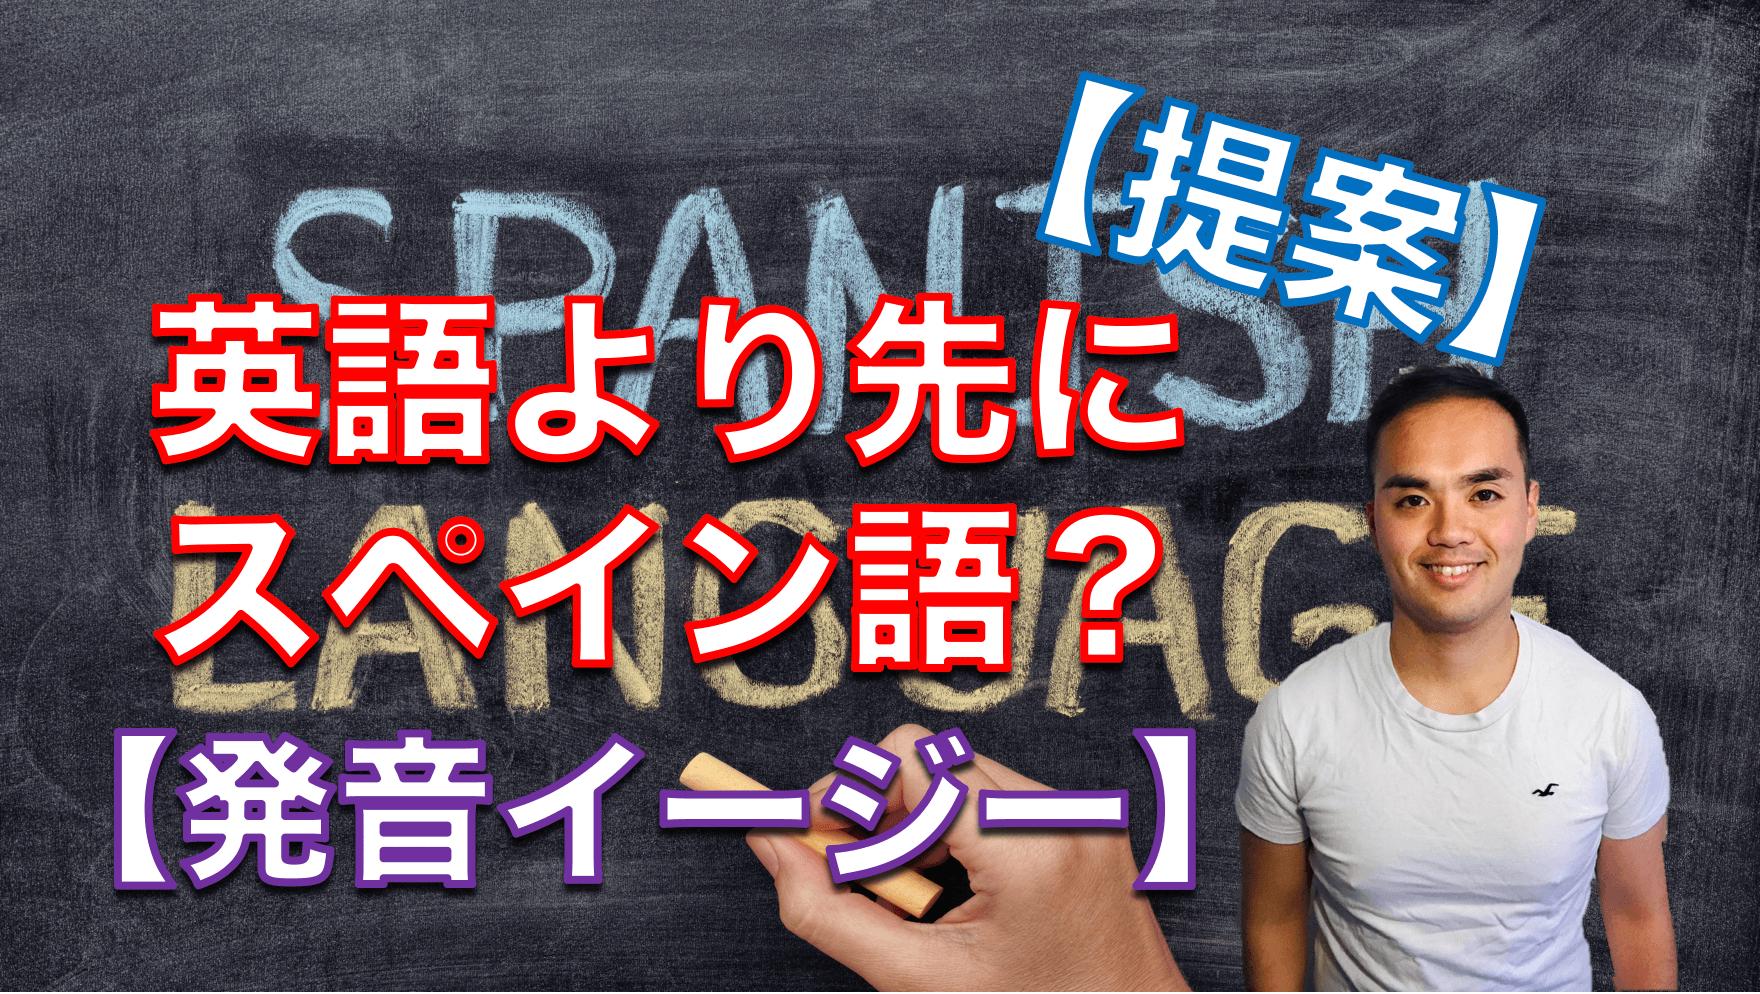 【提案】英語より先にスペイン語勉強してみたら?【そのまんまローマ字読み過ぎて簡単過ぎだった件】